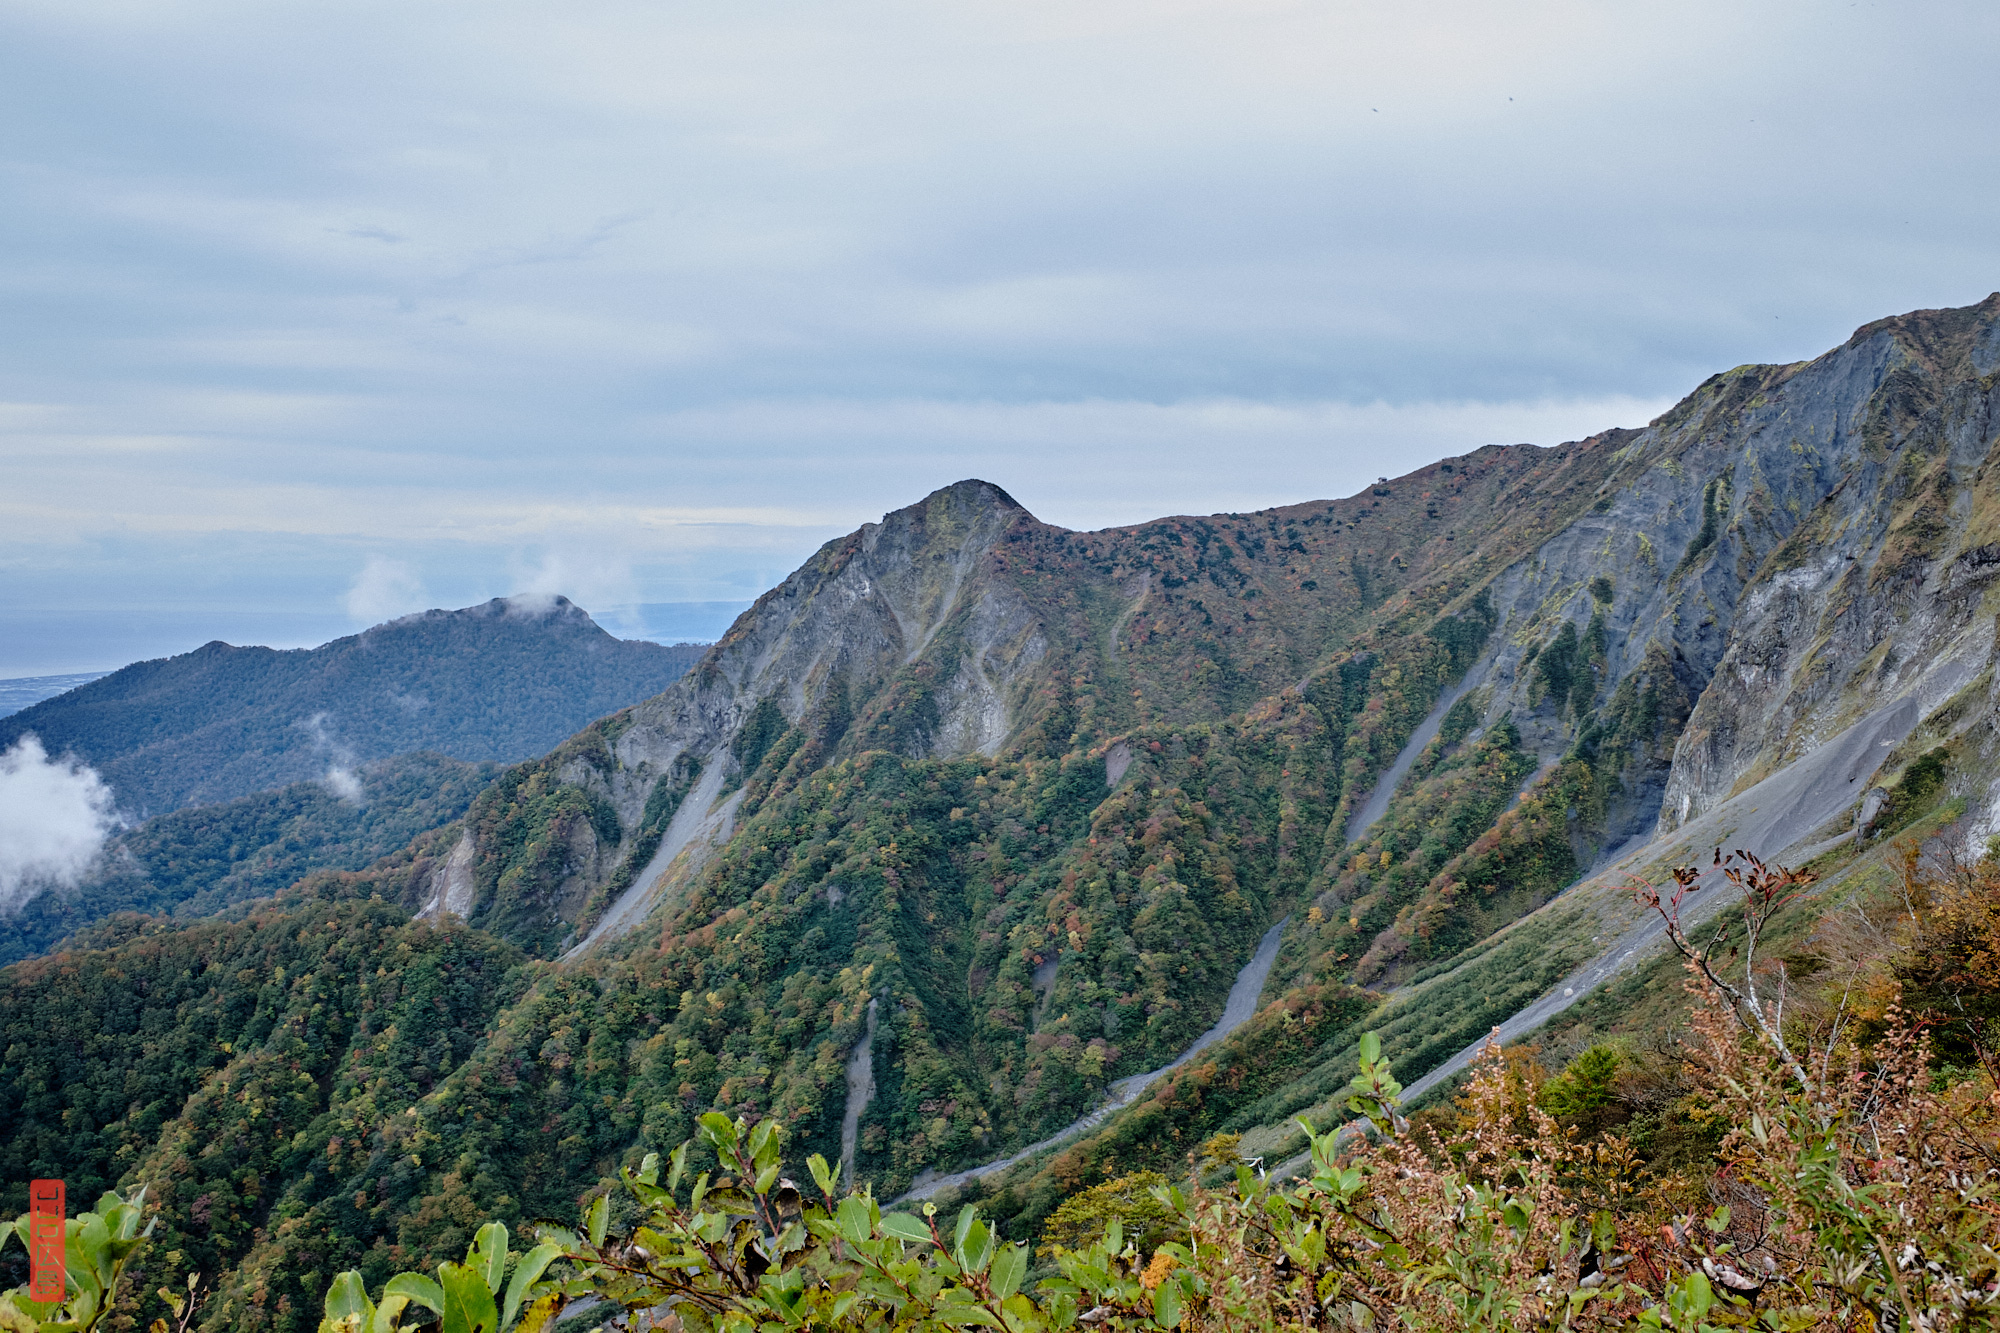 vue sur les sommet du mont Daisen